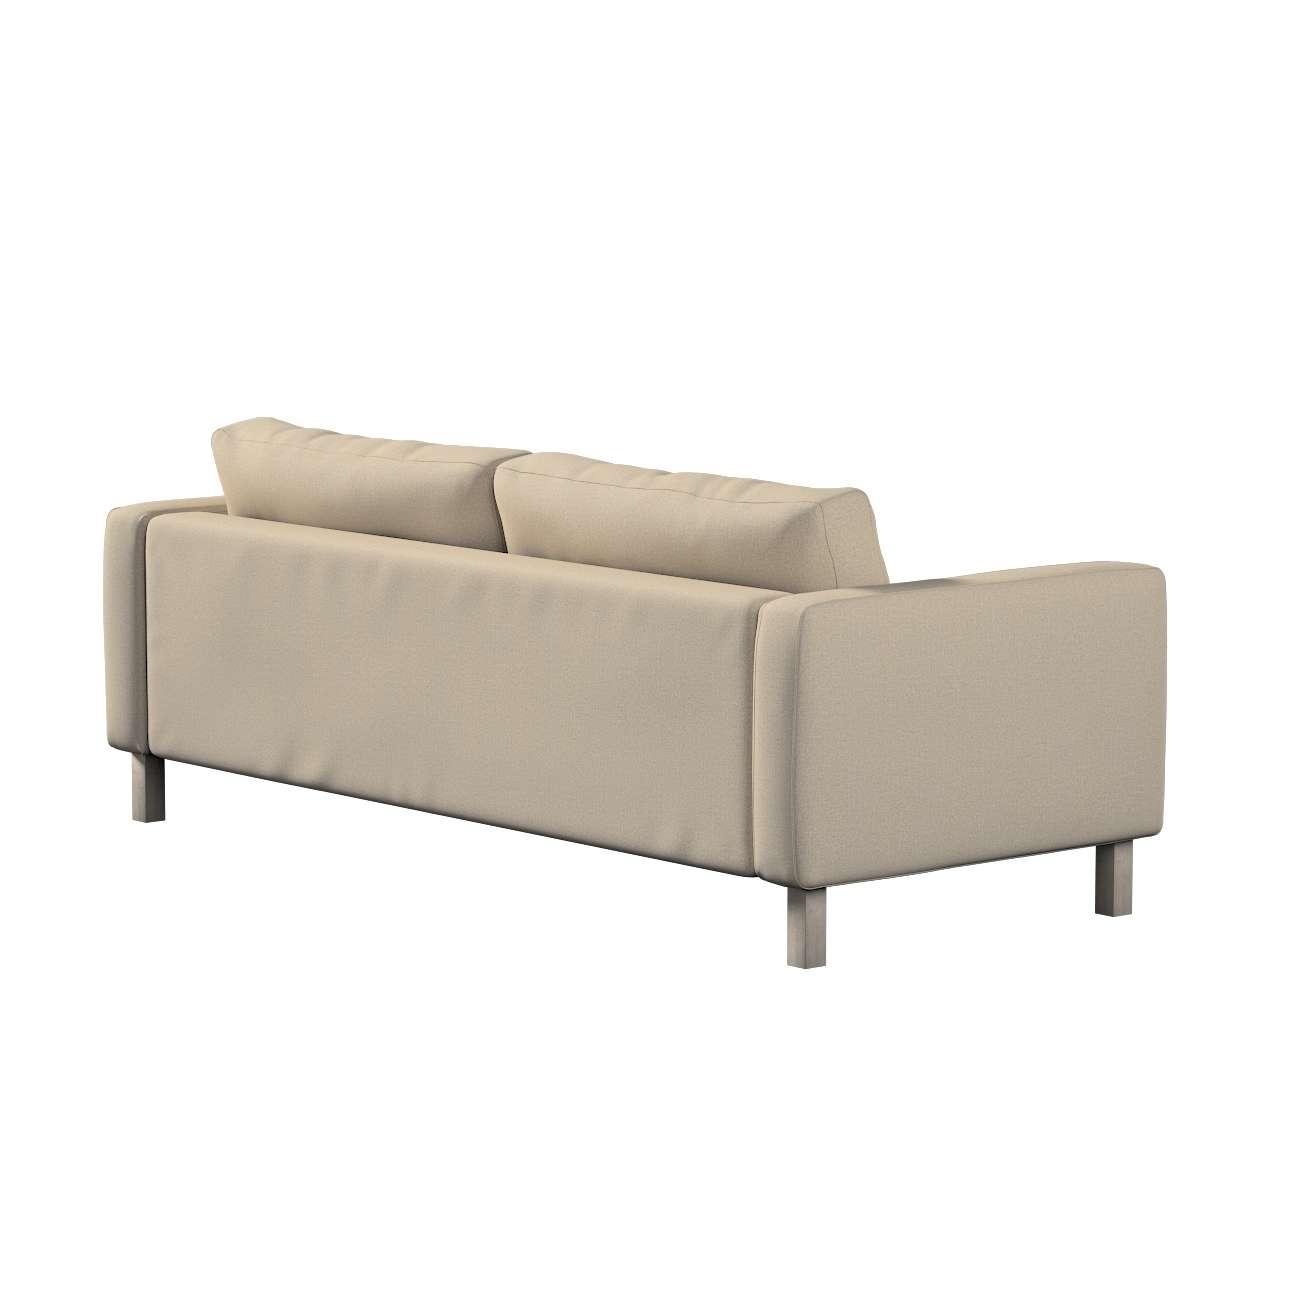 Potah na pohovku IKEA Karlstad, 3-místná, rozkládací v kolekci Edinburgh, látka: 115-78